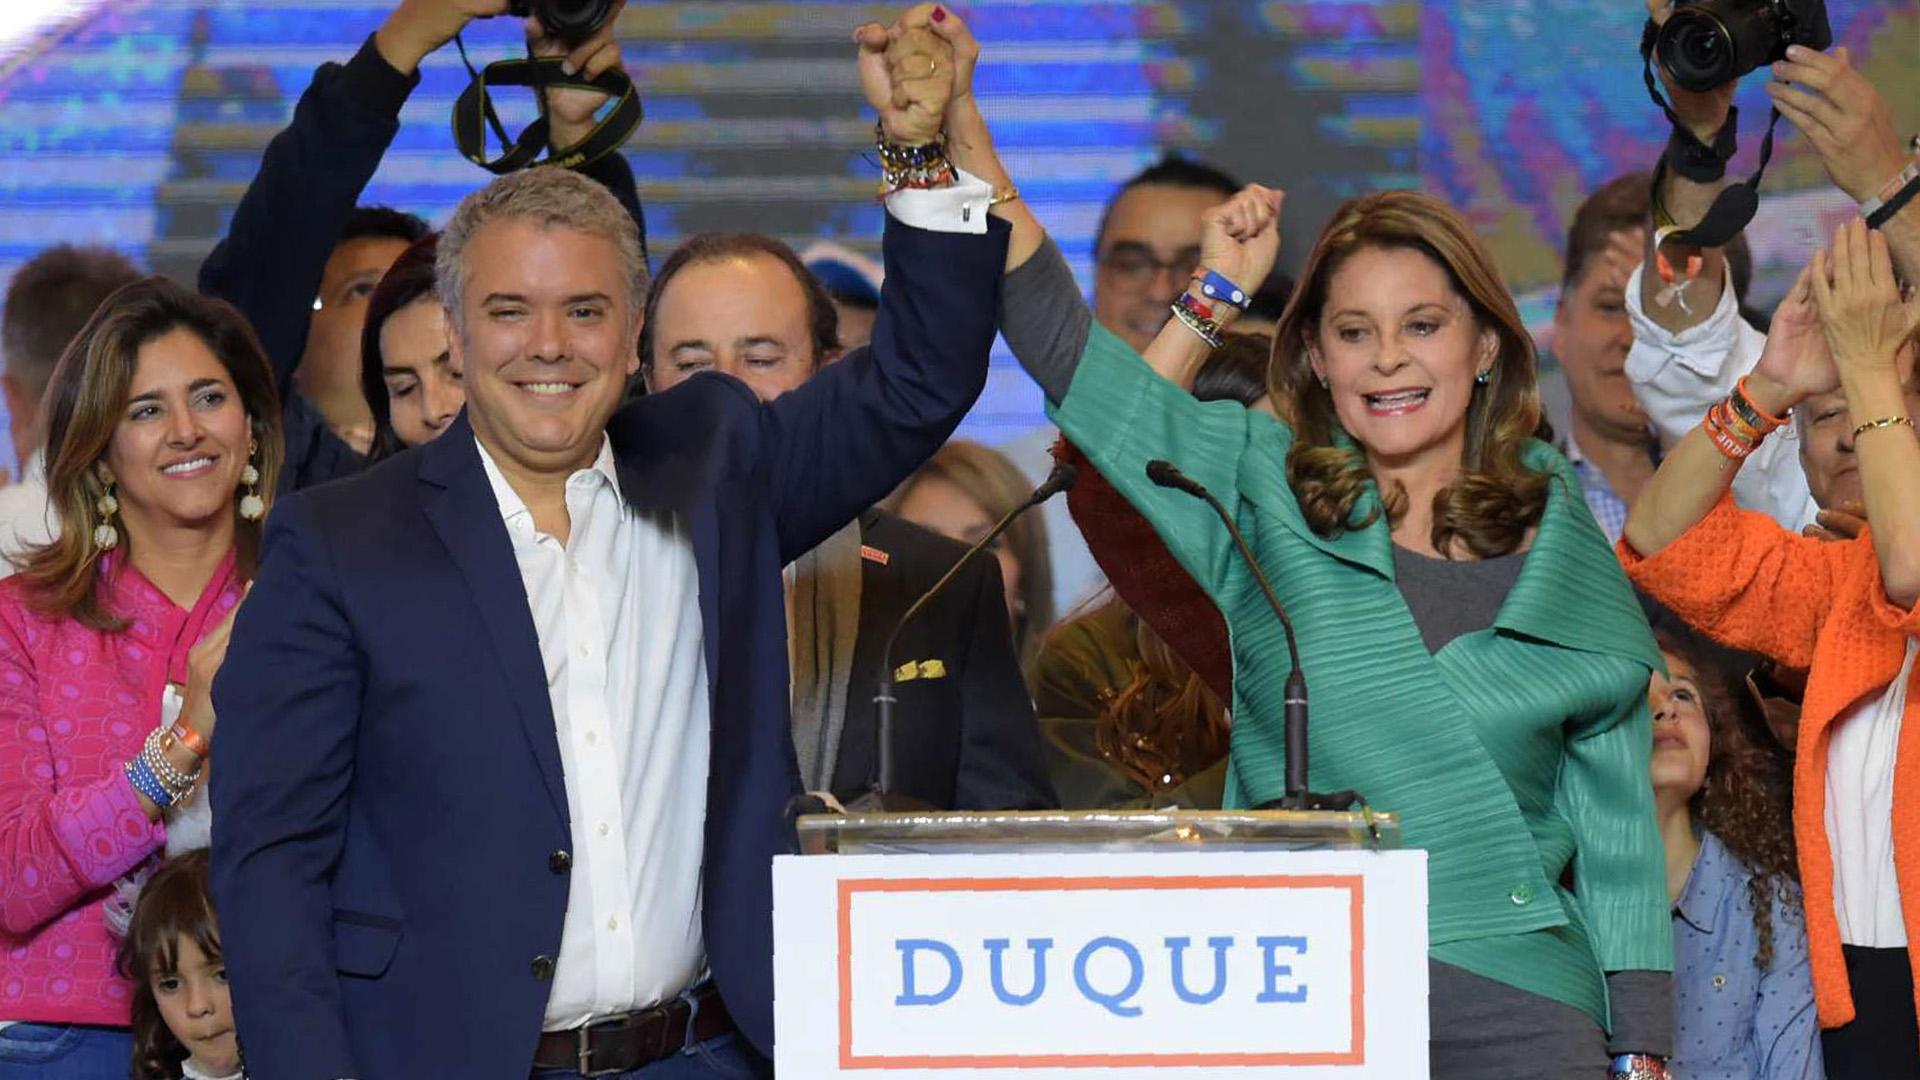 Iván Duque fue elegido presidente de Colombia en un ballotagecontra Gustavo Petro el 17 de junio